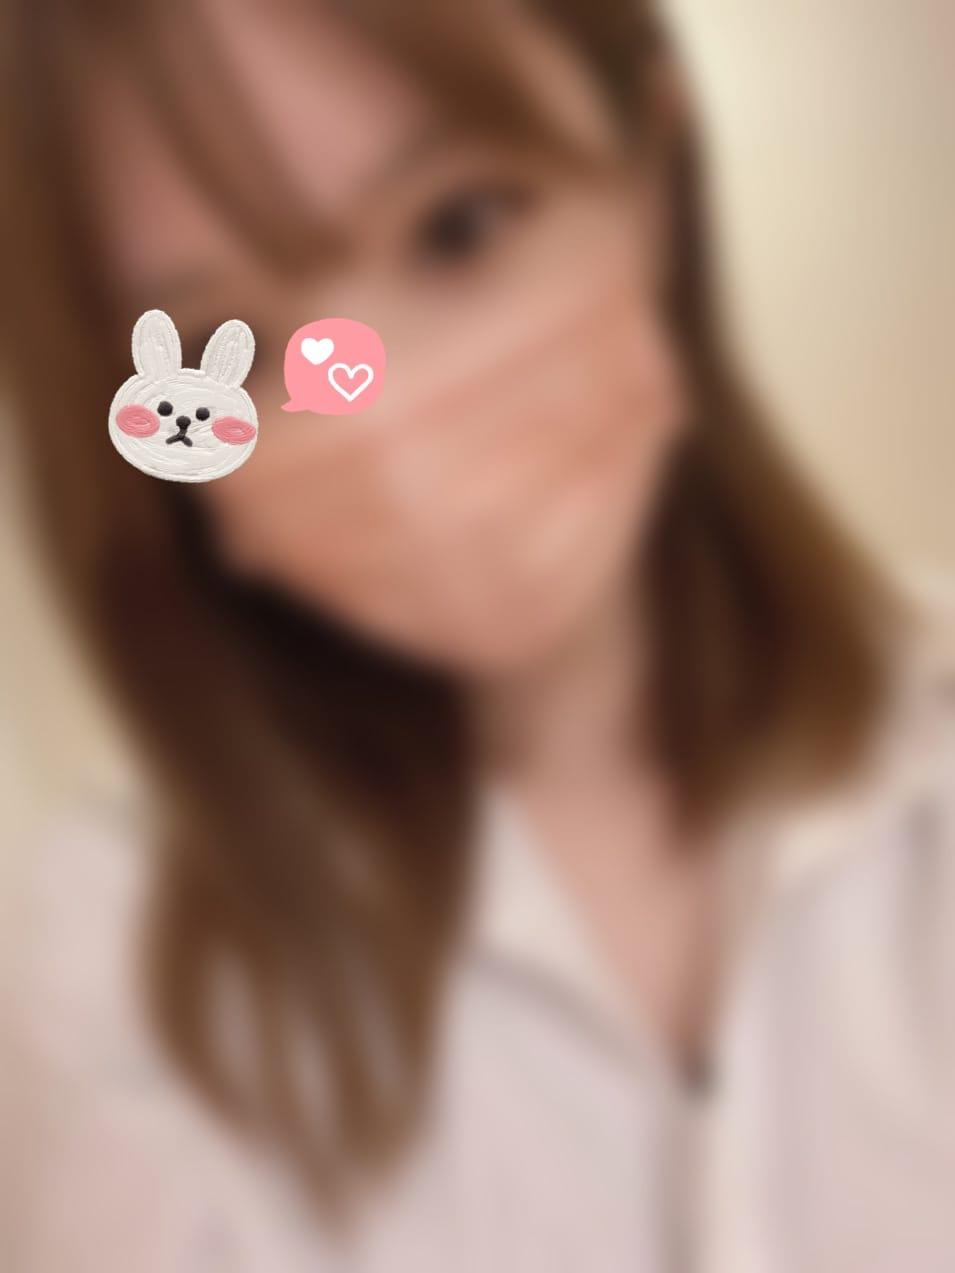 「はじめまして♡」10/25(月) 01:41 | まいの写メ日記